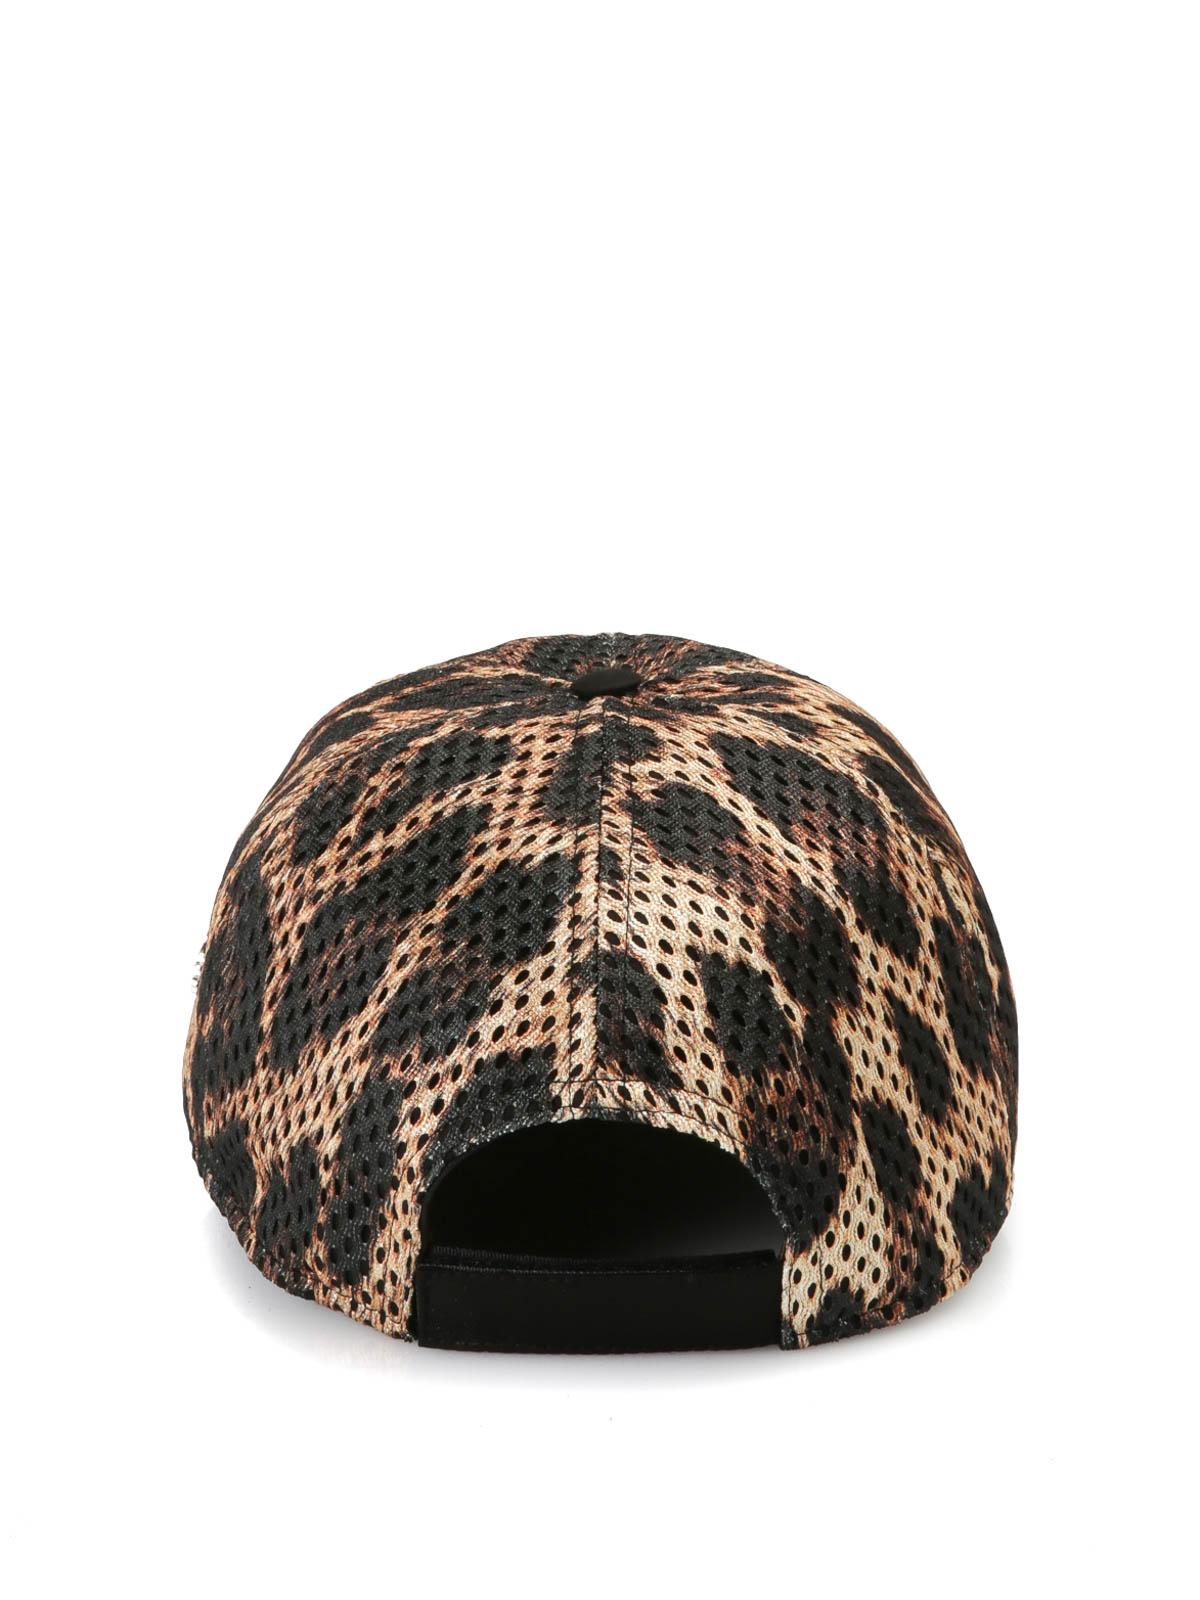 Roberto Cavalli - Baseball cap - hats   caps - C9EC03080515  0dbf22f3a0d